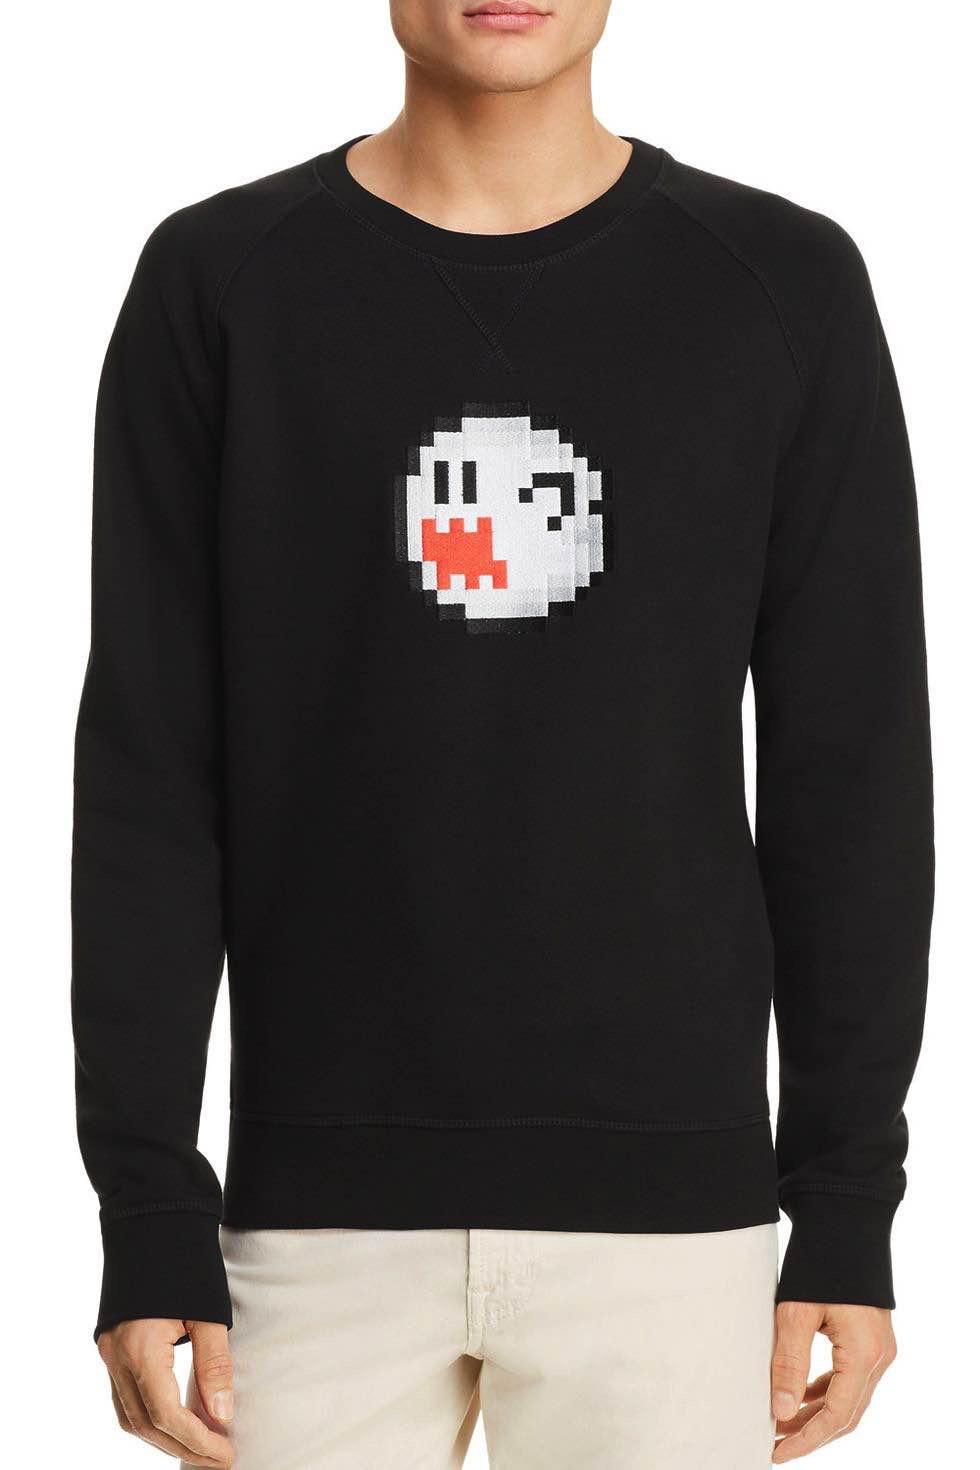 Super Mario-kleding